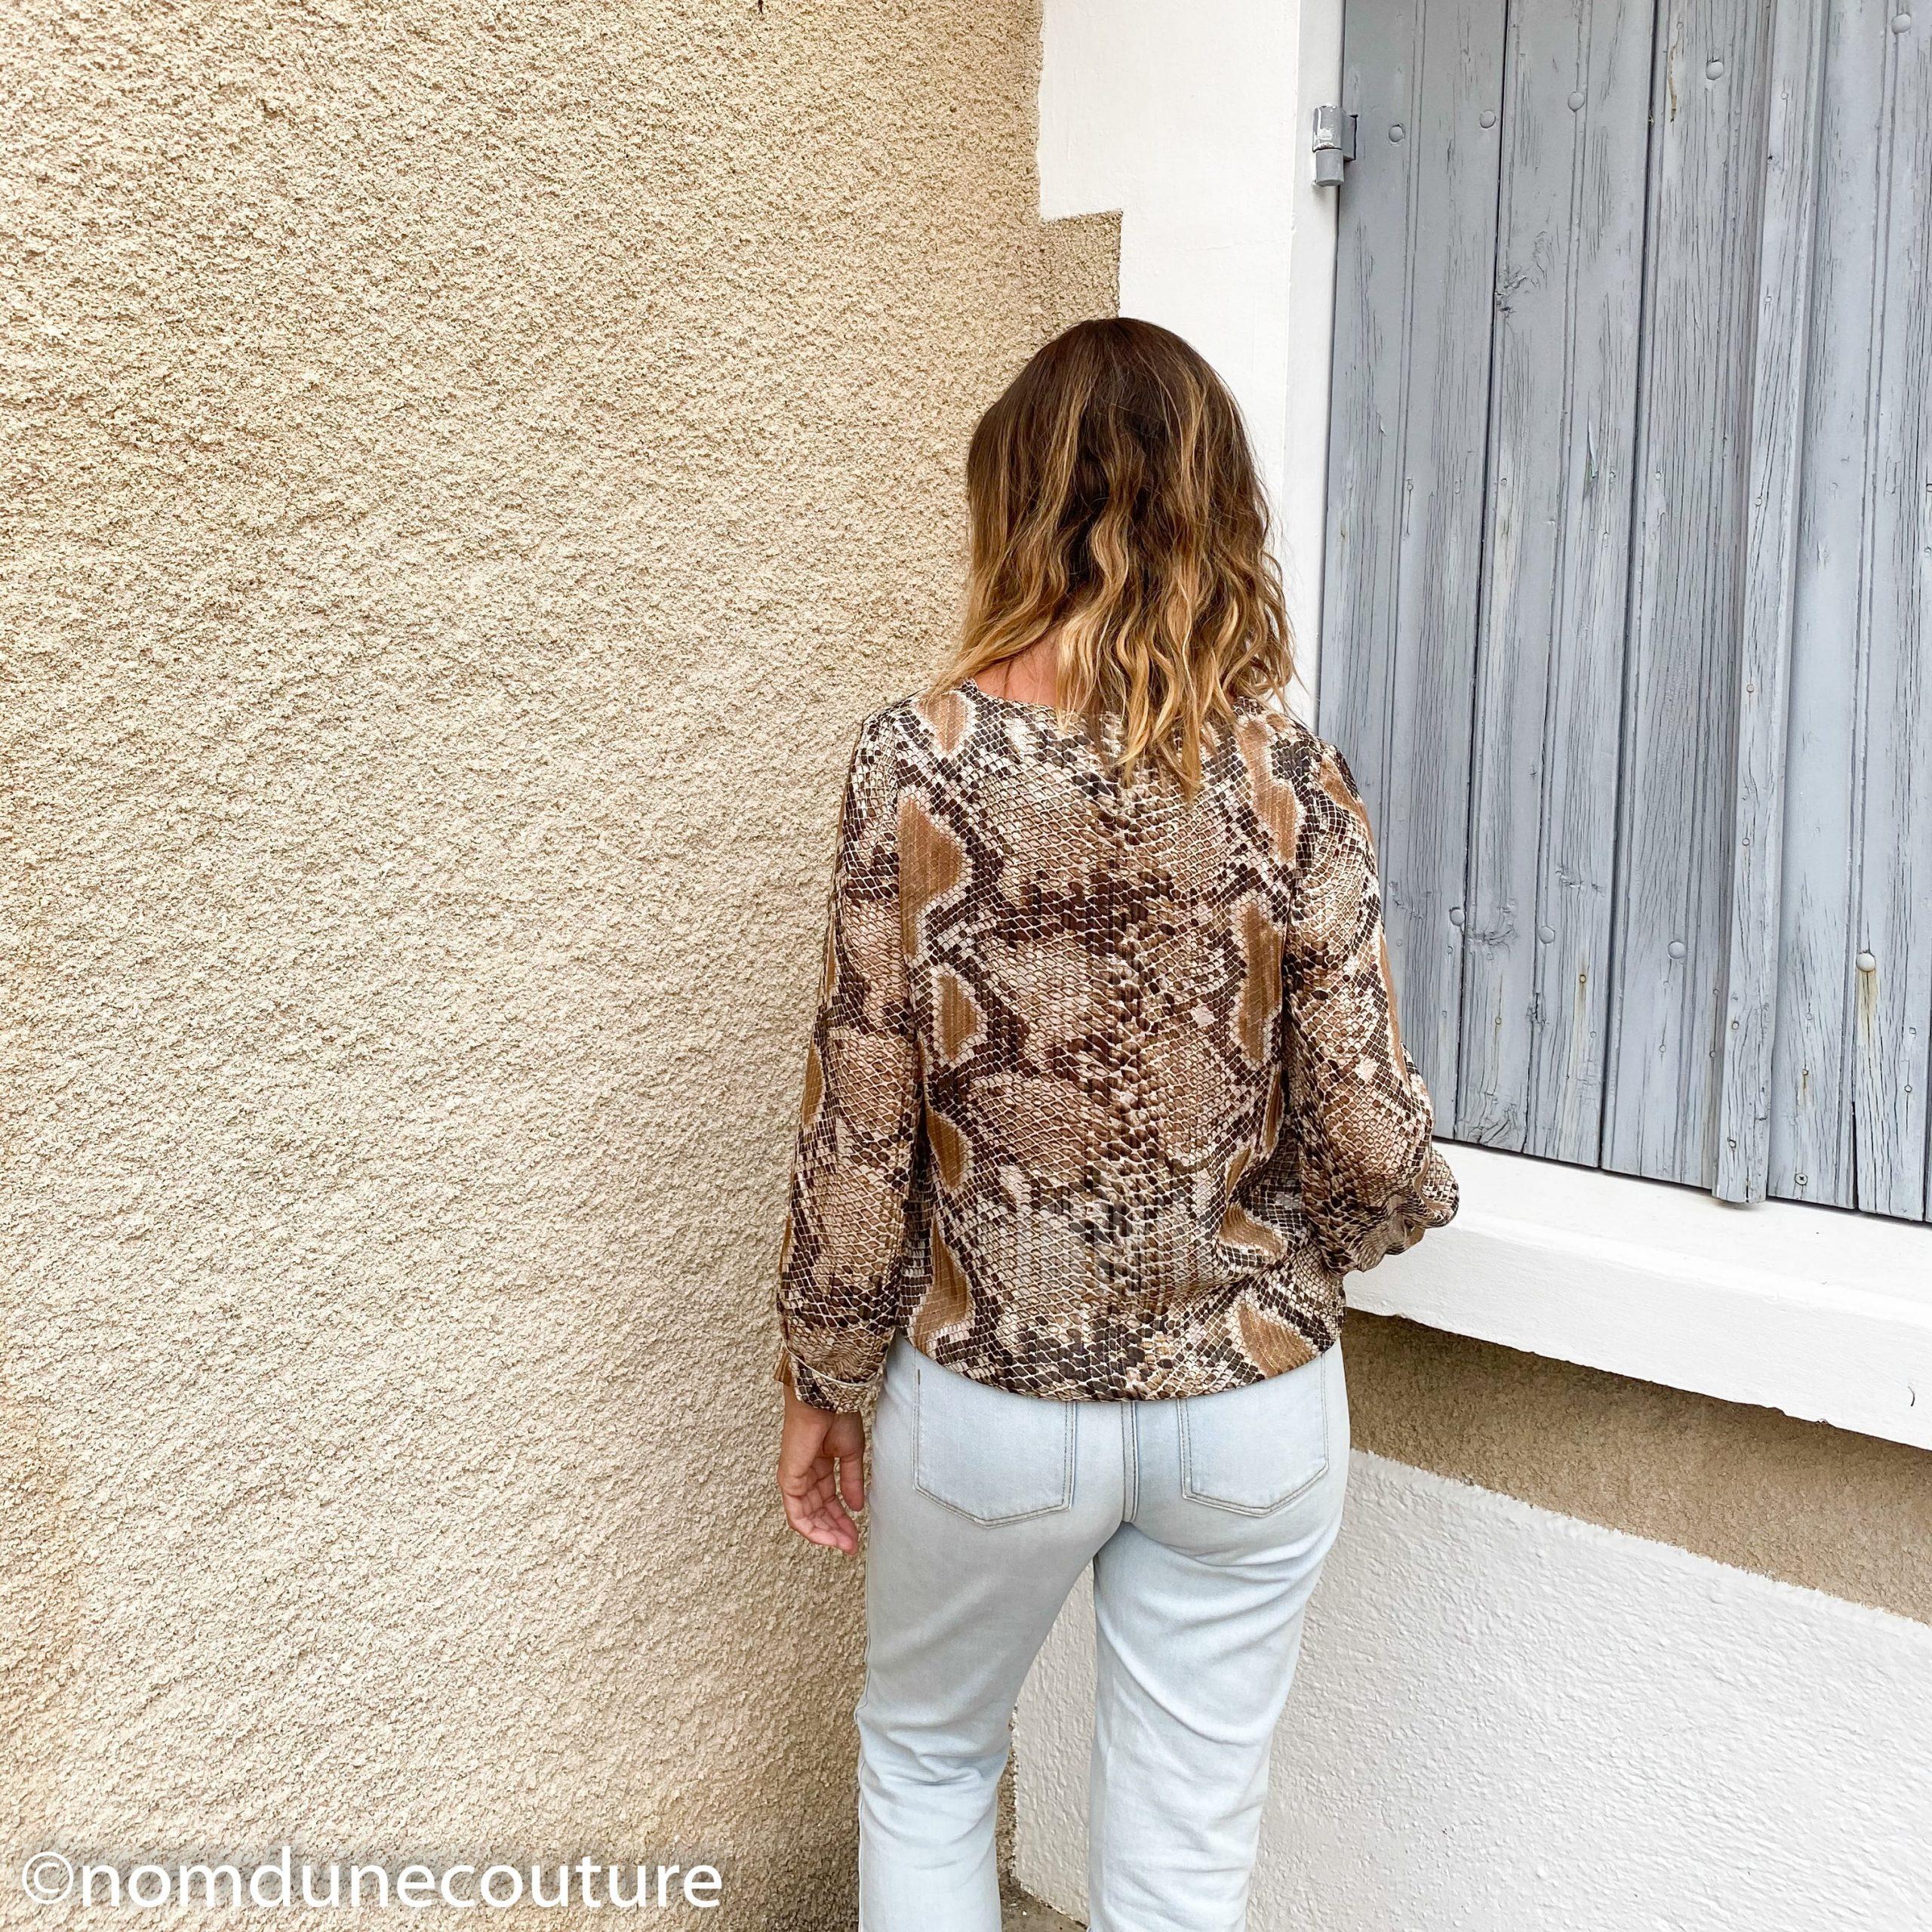 dos le blouse MS 10.19 Mouna sew